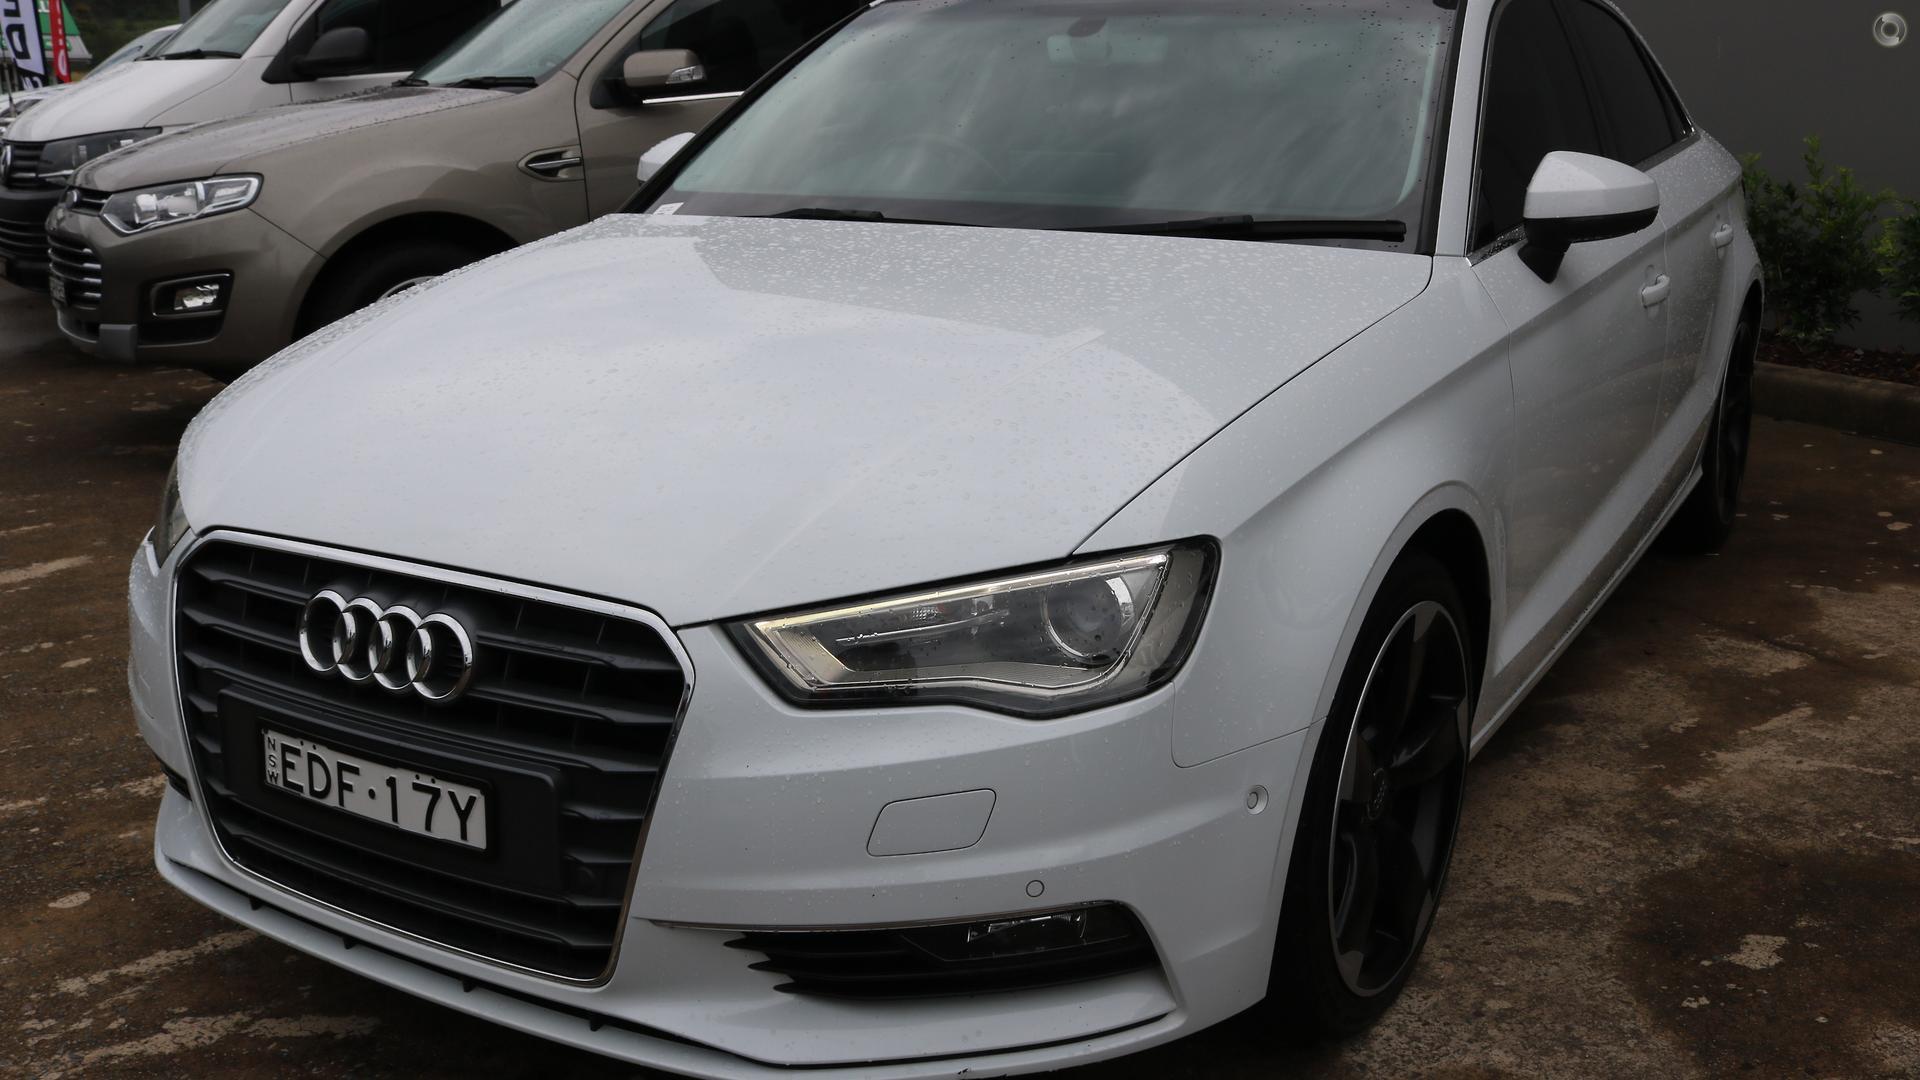 2015 Audi A3 Ambition 8V